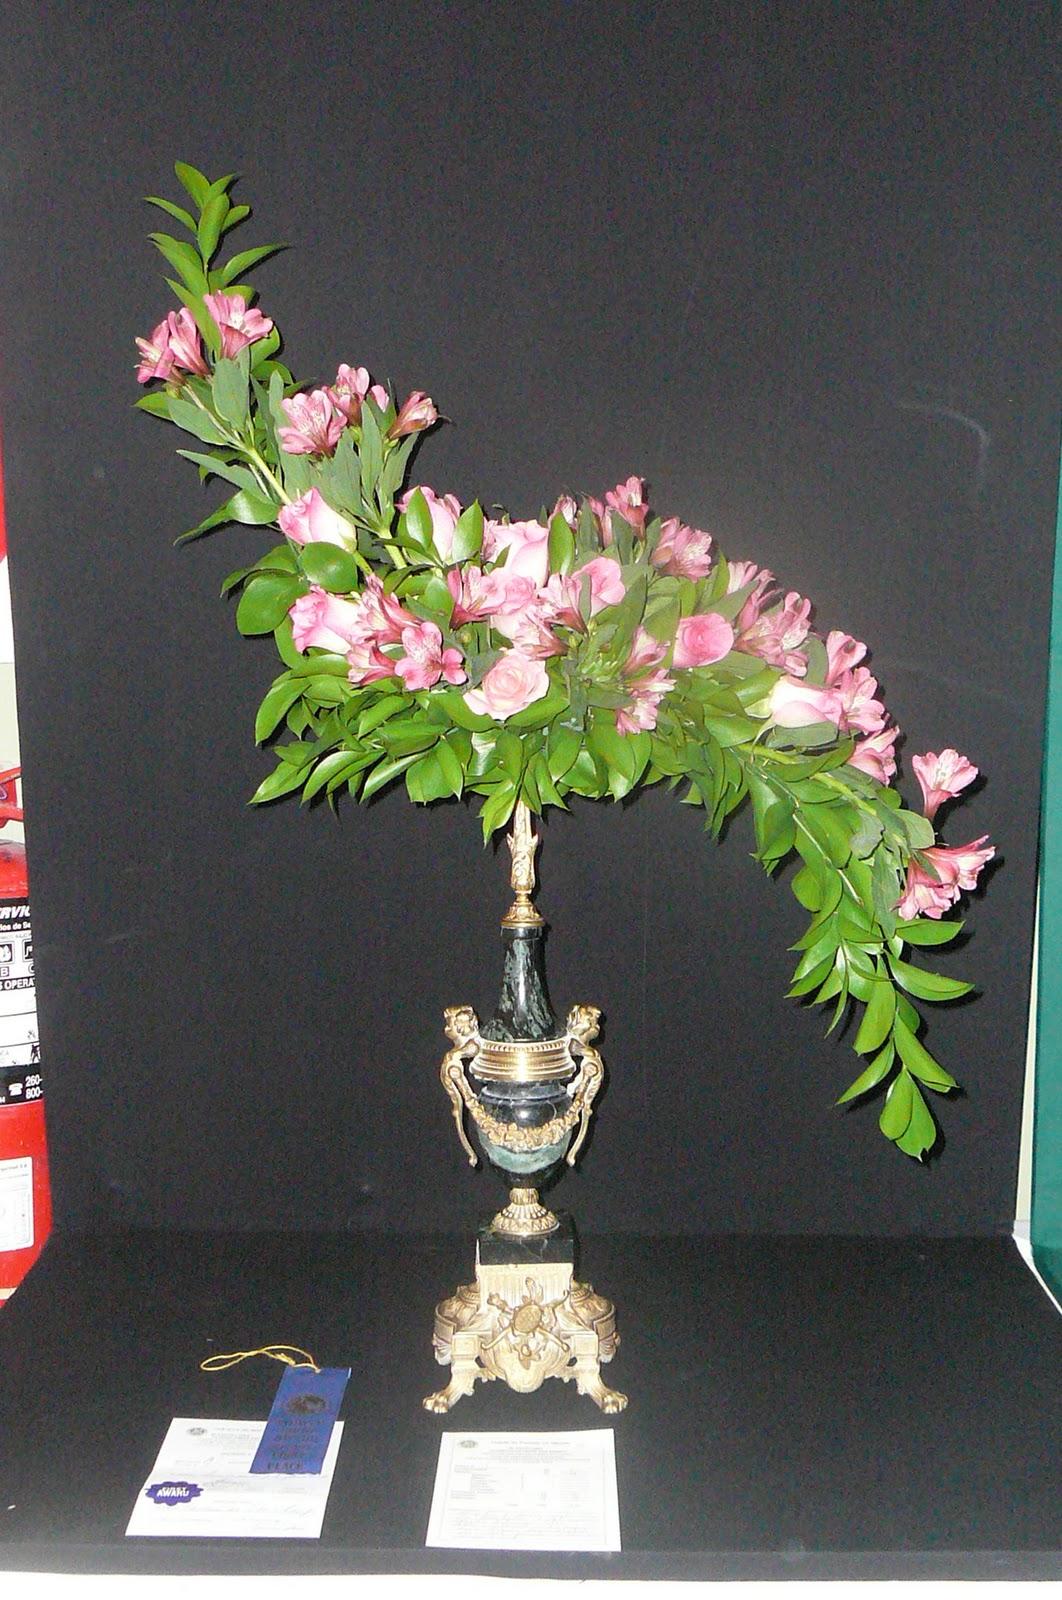 Arreglos florales creativos arreglo tradicional - Arreglos florales creativos ...